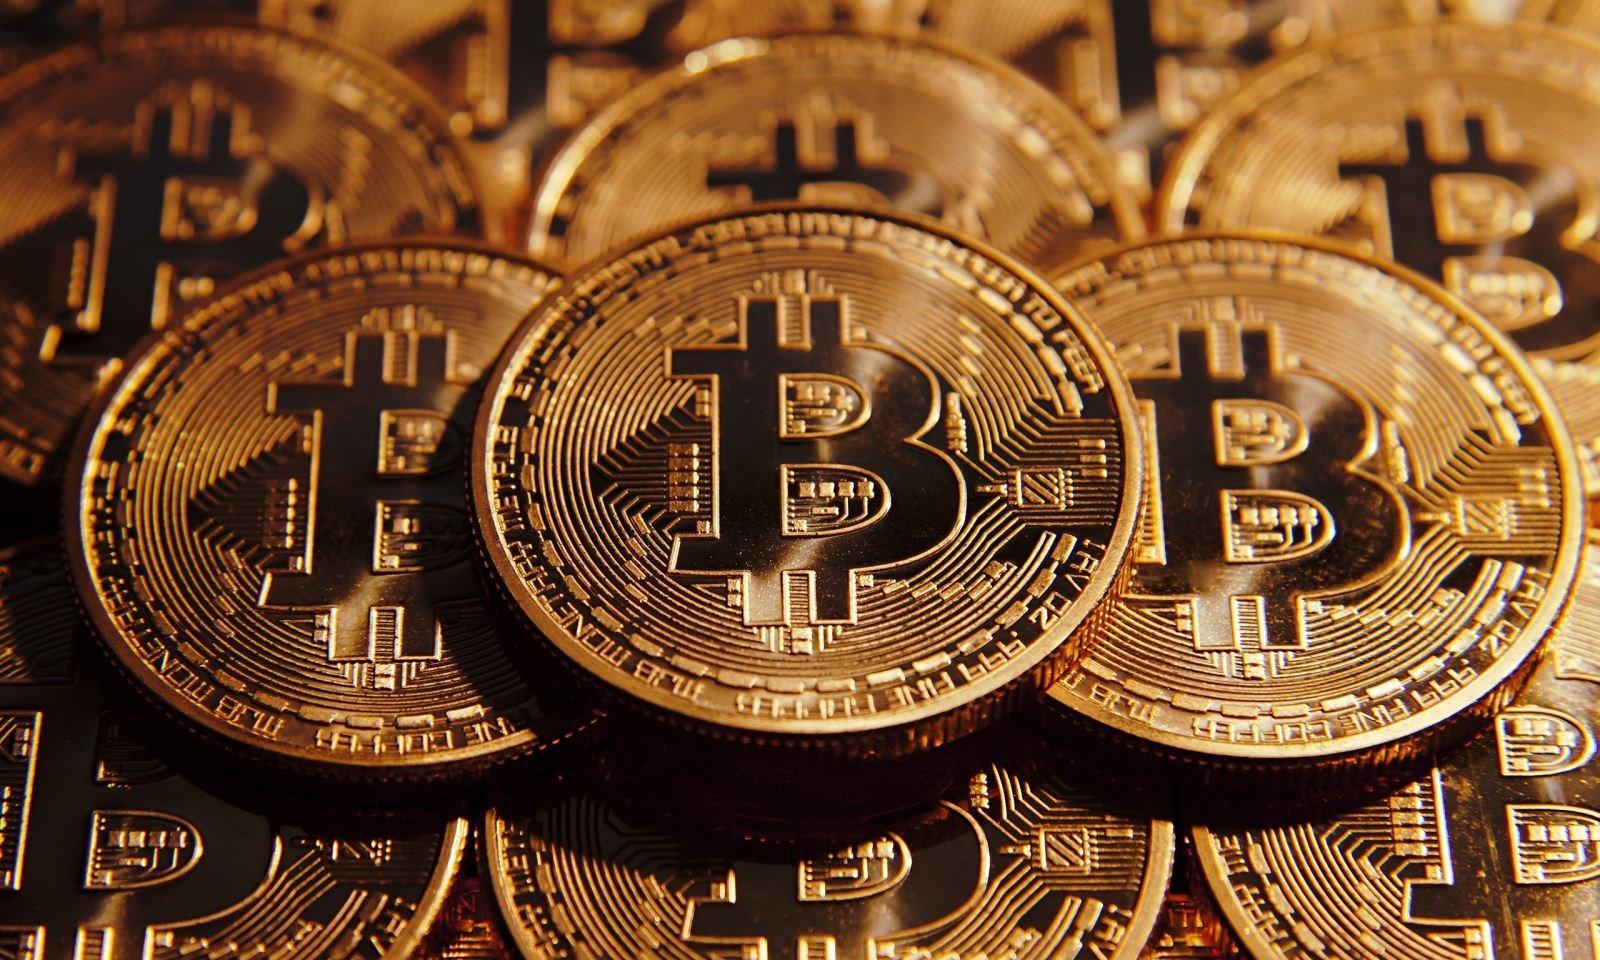 Kripto para birimleri piyasalarına yönelik gelişmelerin ardından hafta sonu dalgalı bir seyir izlenen Bitcoin fiyatı, pazar günü 10 bin dolar üzerindeki seyrini korurken, pazartesi günü Türkiye saati ile 08:34'te 9 bin 996 bin dolarla yeniden 10 bin doların altına geriledi.